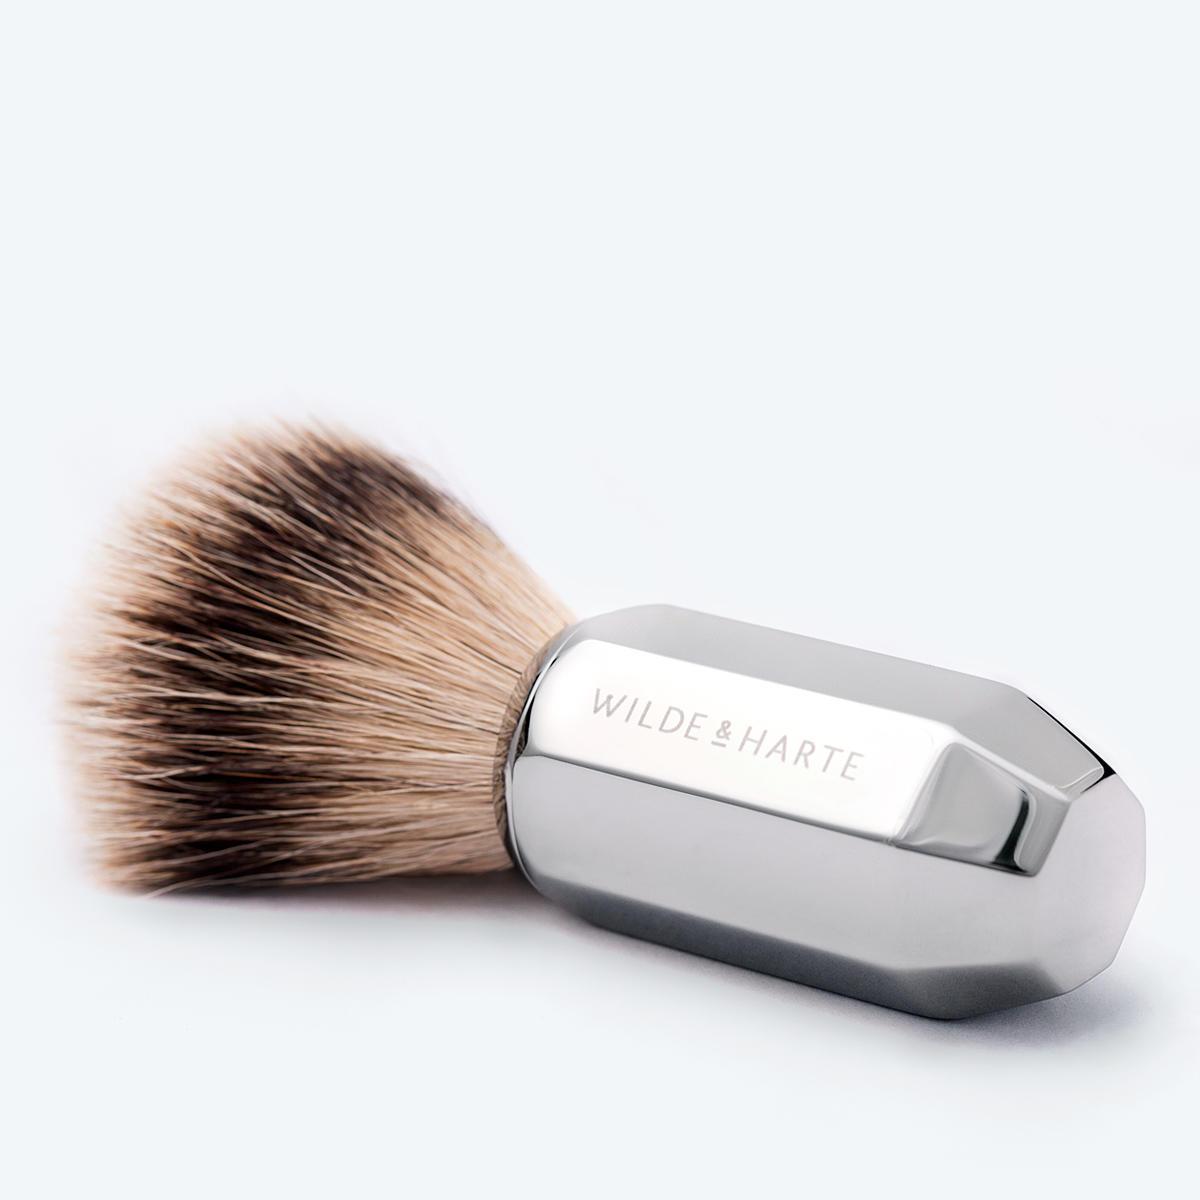 Badger Hair Shaving Brushes Badger Hair Brush Shaving